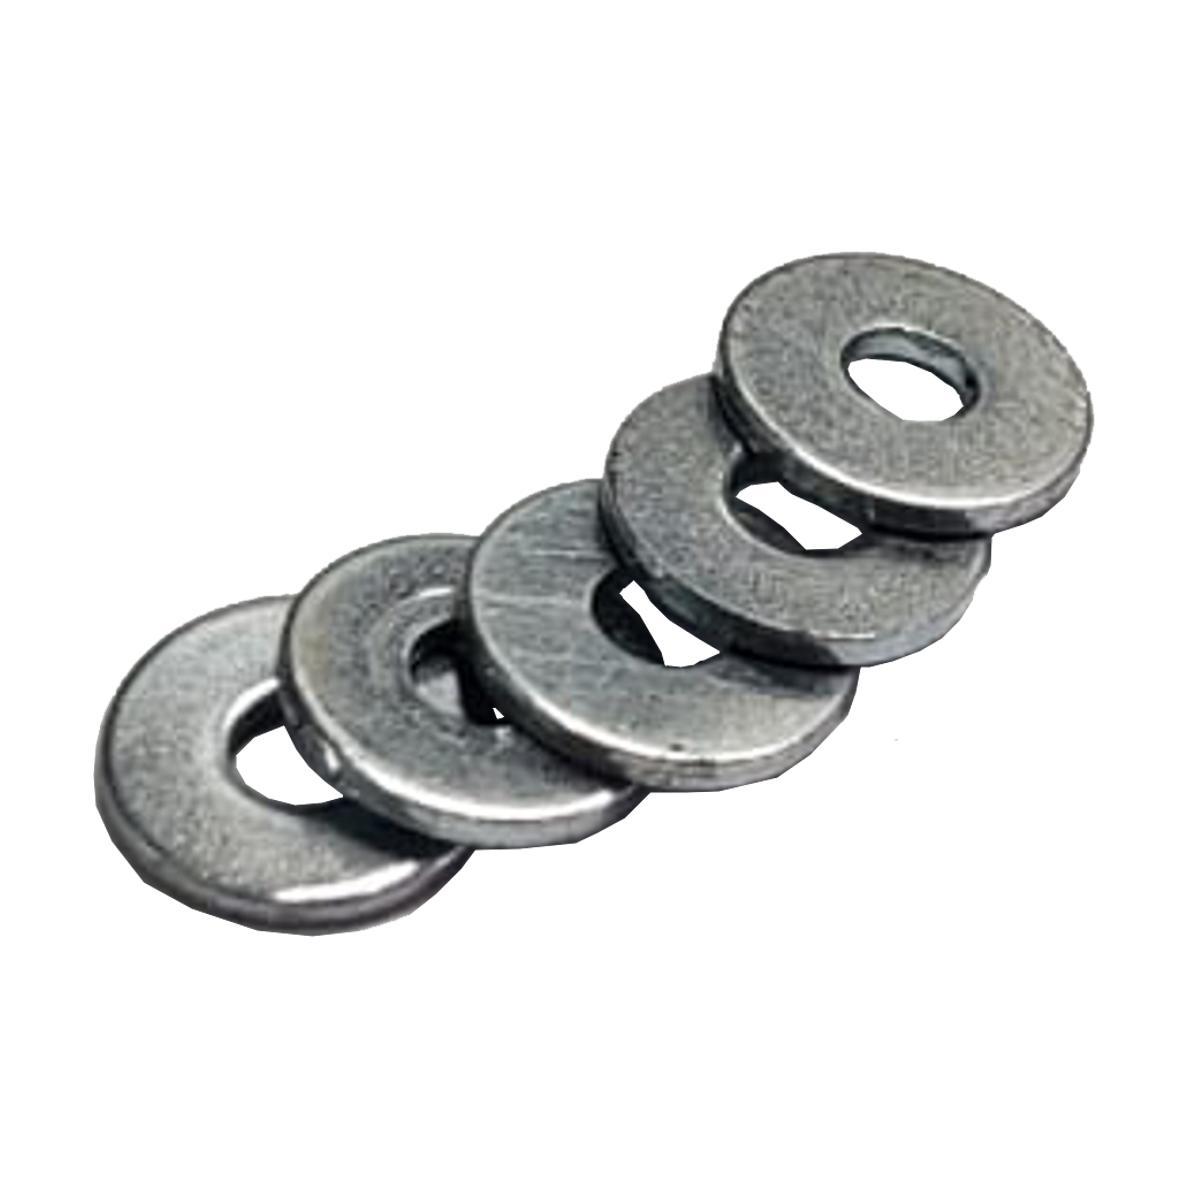 Arruela Metal para adaptar nas impressoras Epson elevar Carro de Impressão para Papel Arroz - 5 Unidades